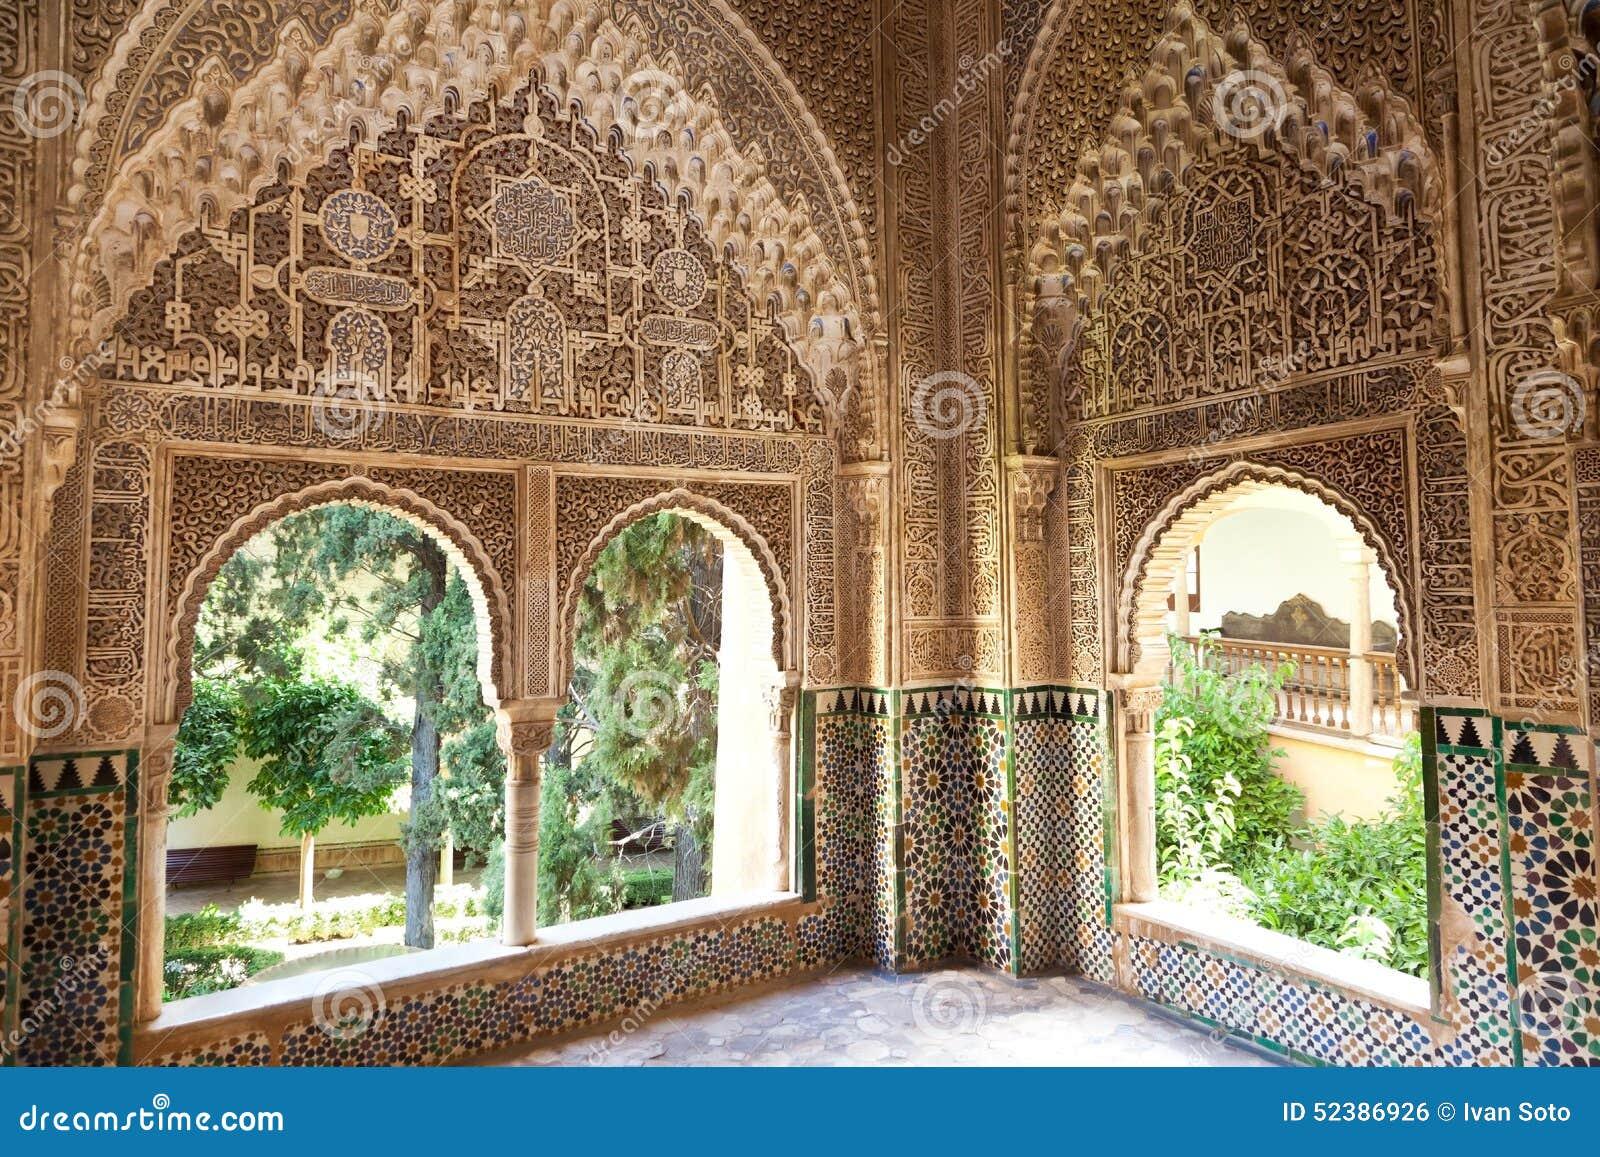 Interiores de alhambra de granada foto de archivo imagen - Diseno de interiores granada ...